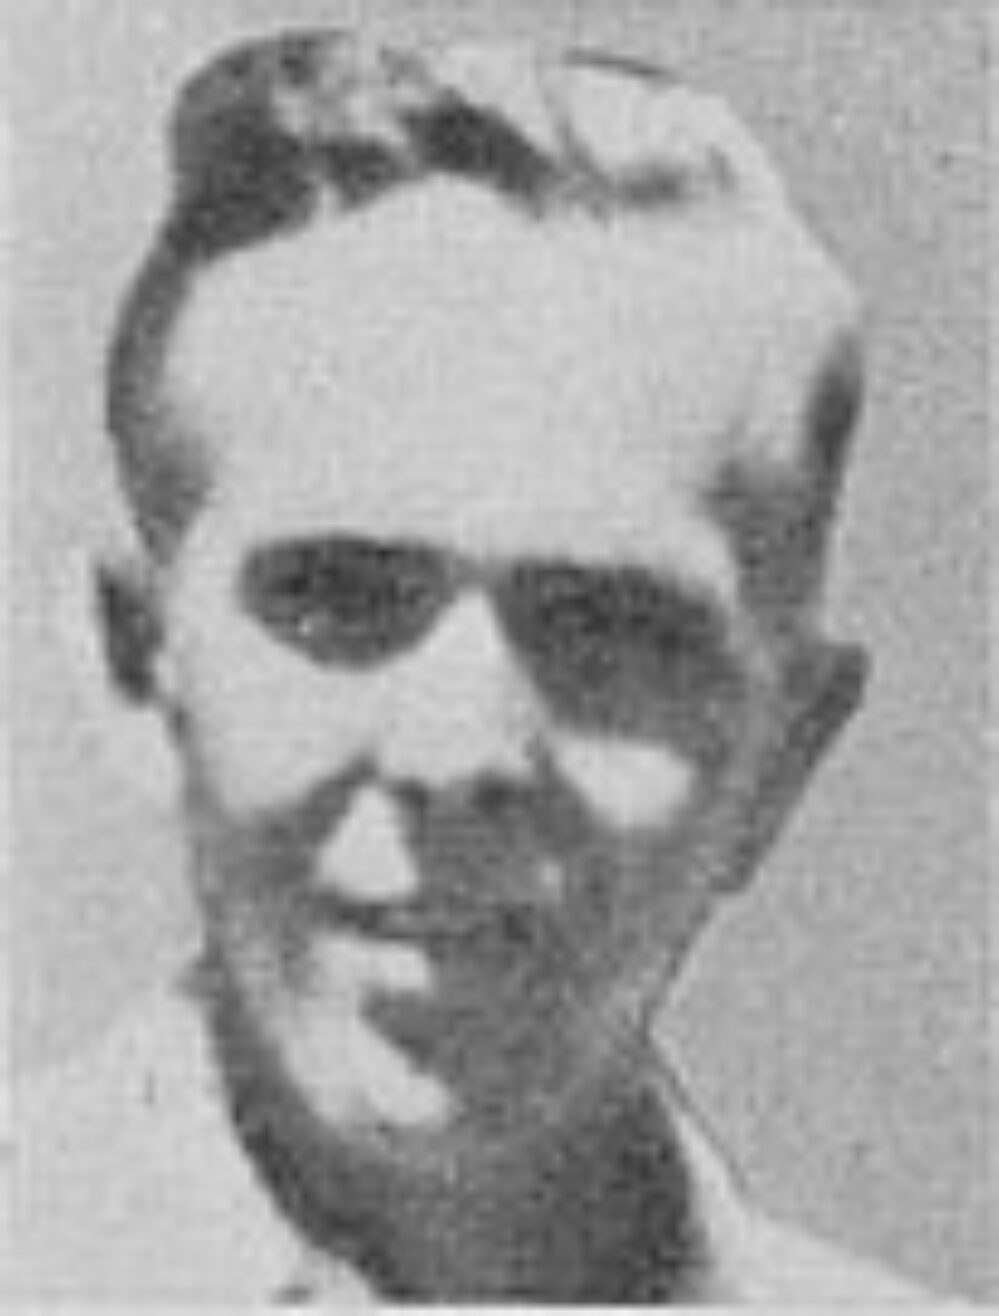 Kristian Marthin Kristiansen